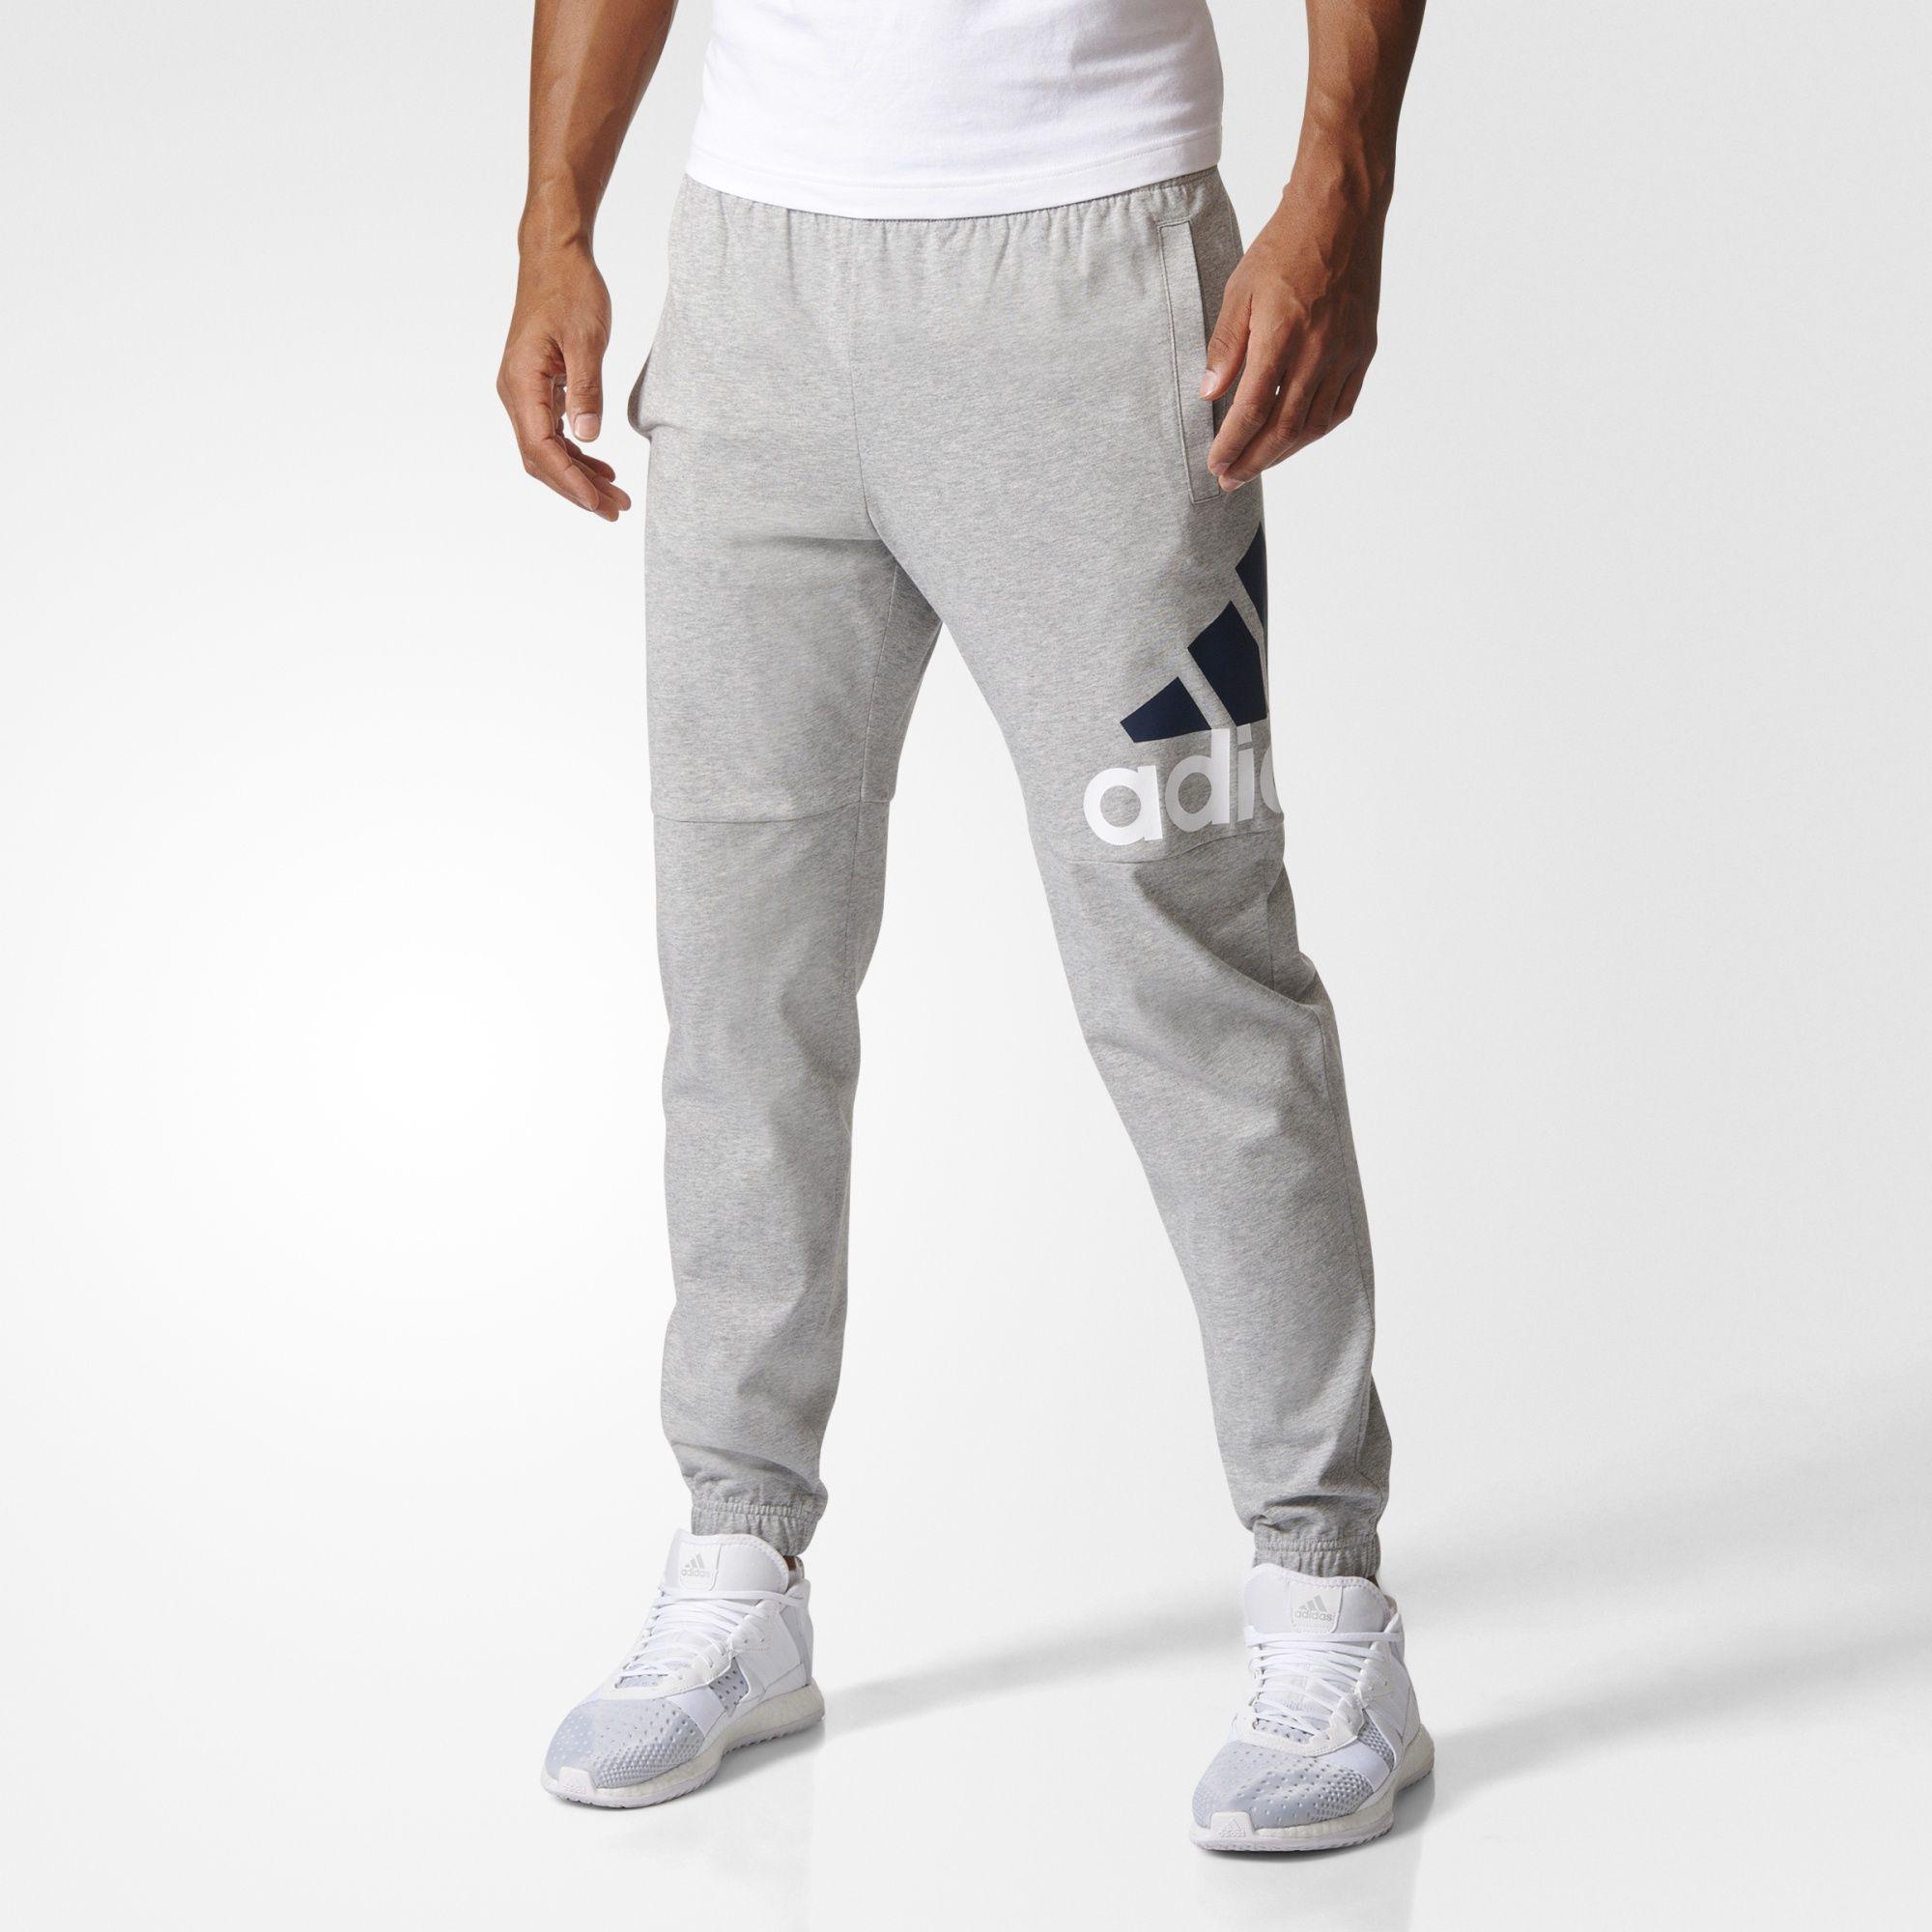 Essentials Performance Logo Pants Grey Mens | Adidas men